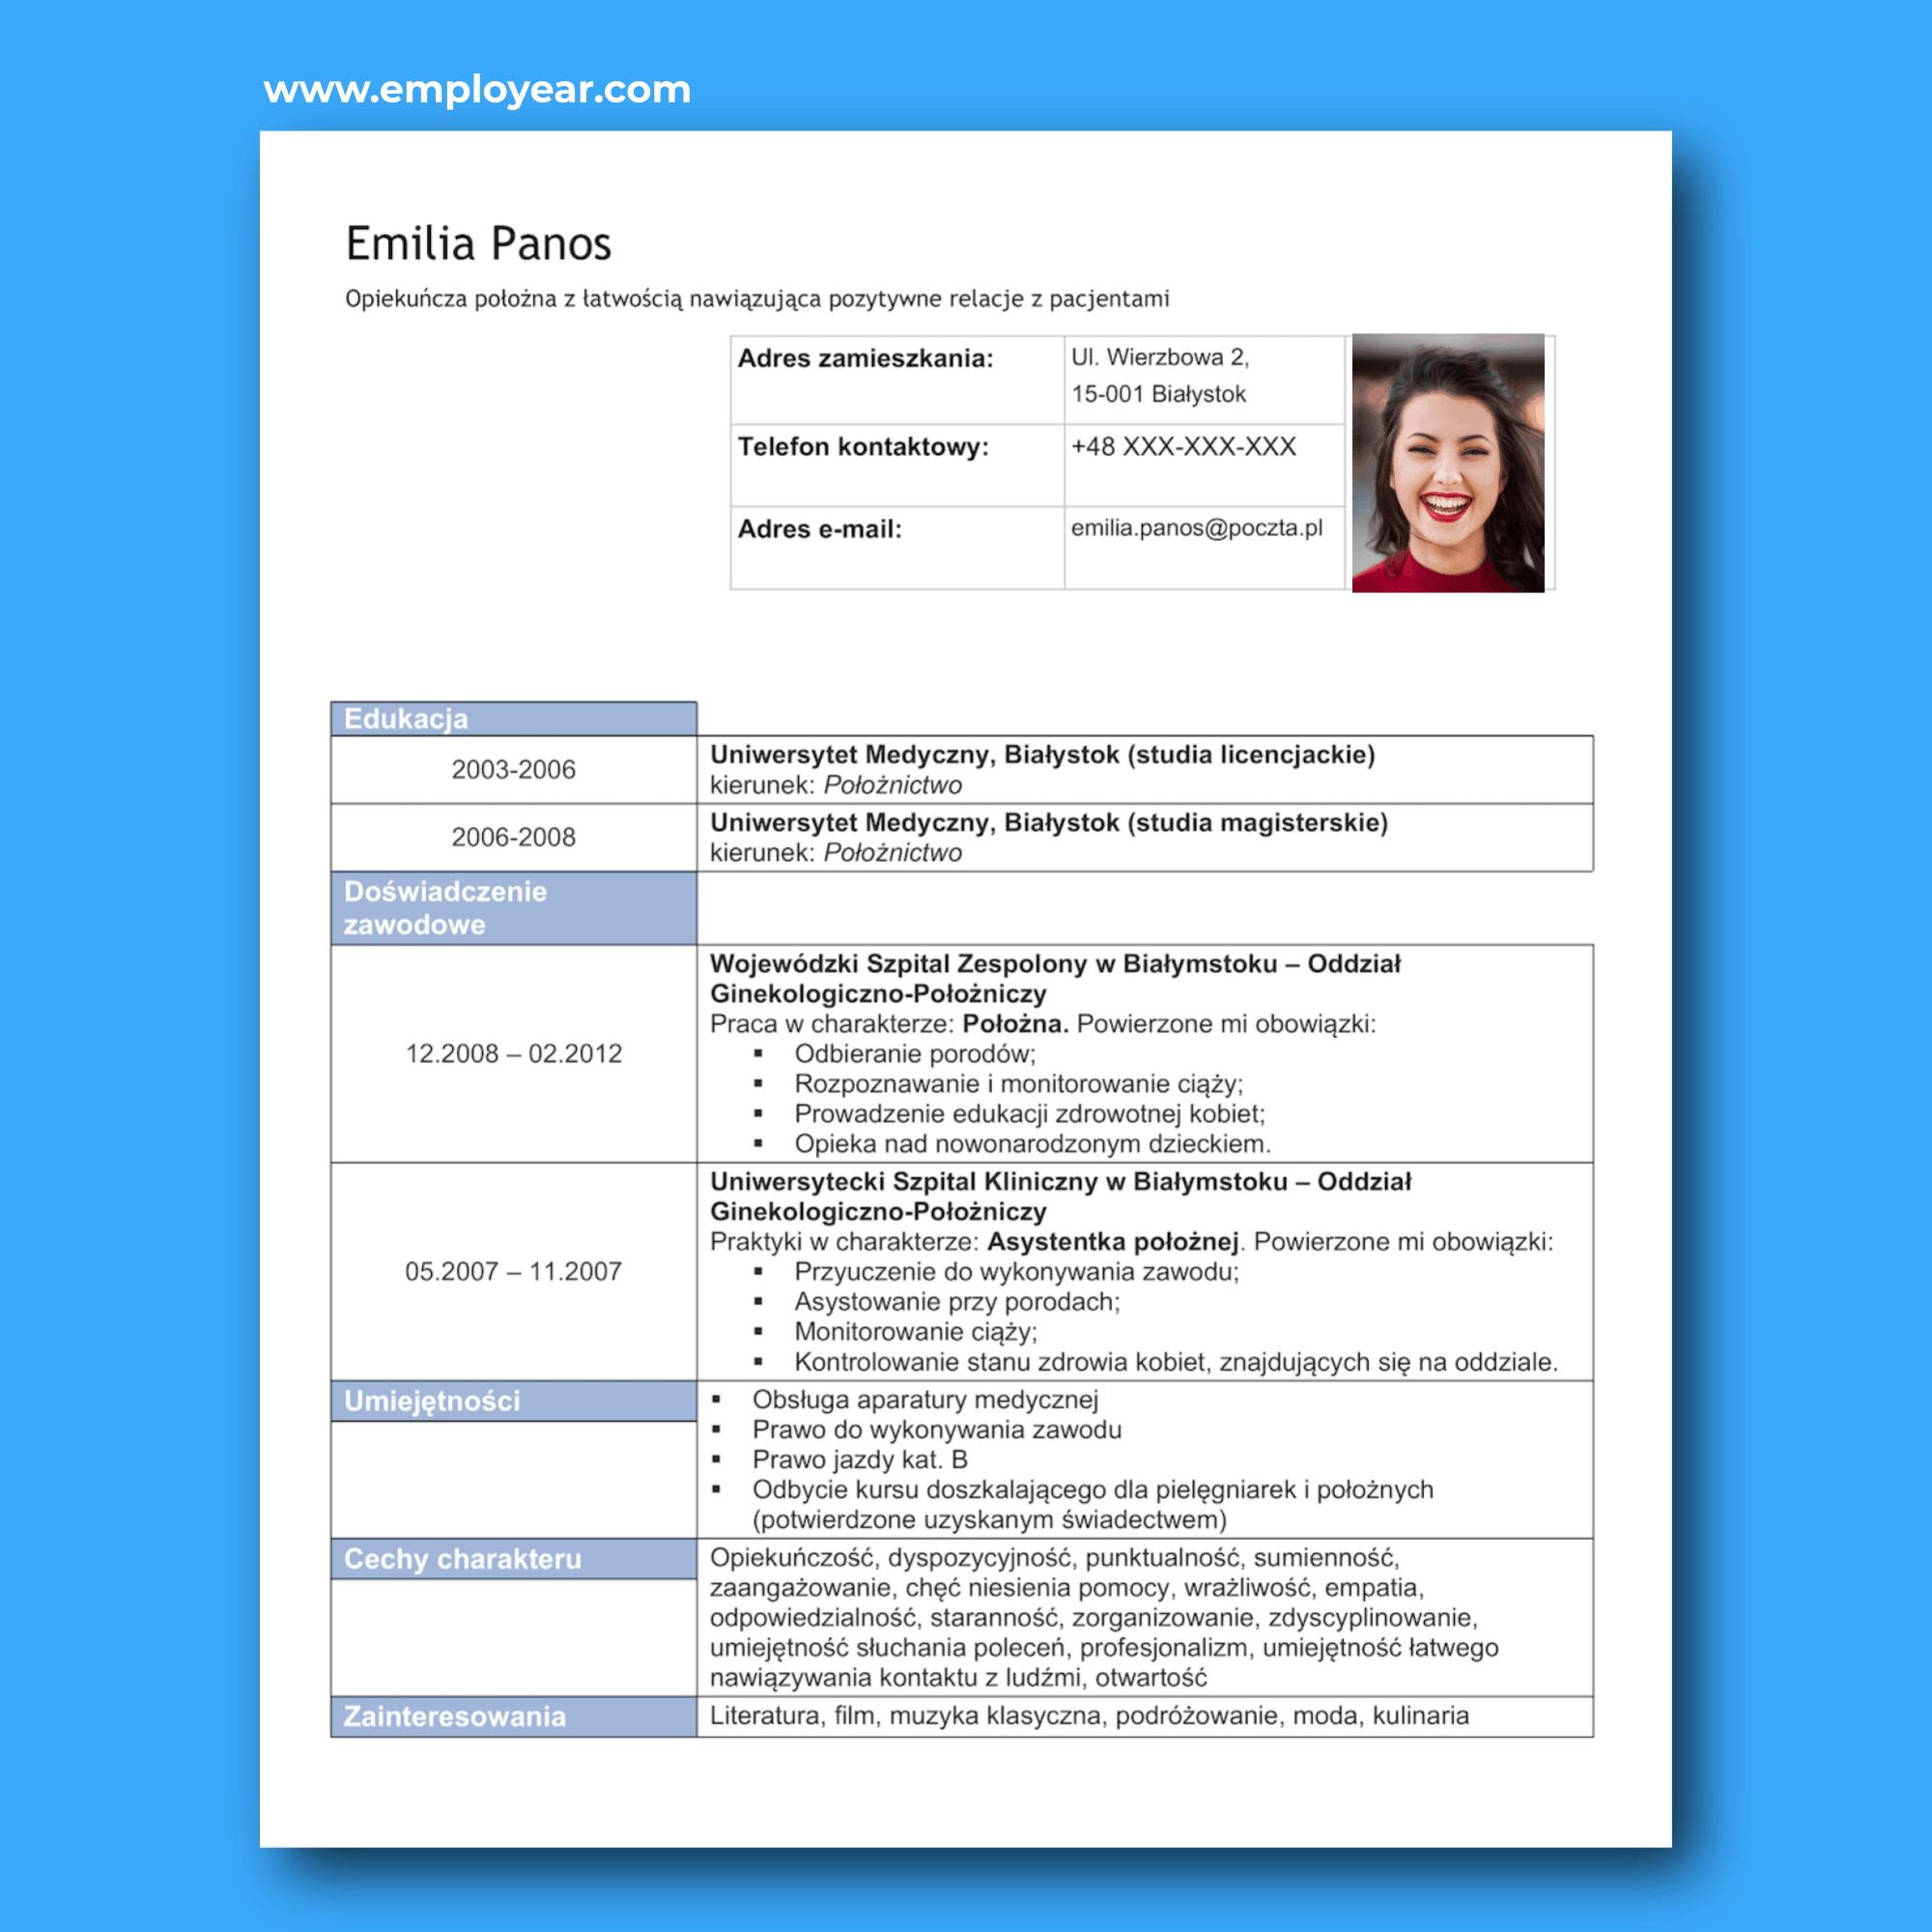 Położna Praca Oferty Obowiązki Zarobki Praktyczny Poradnik